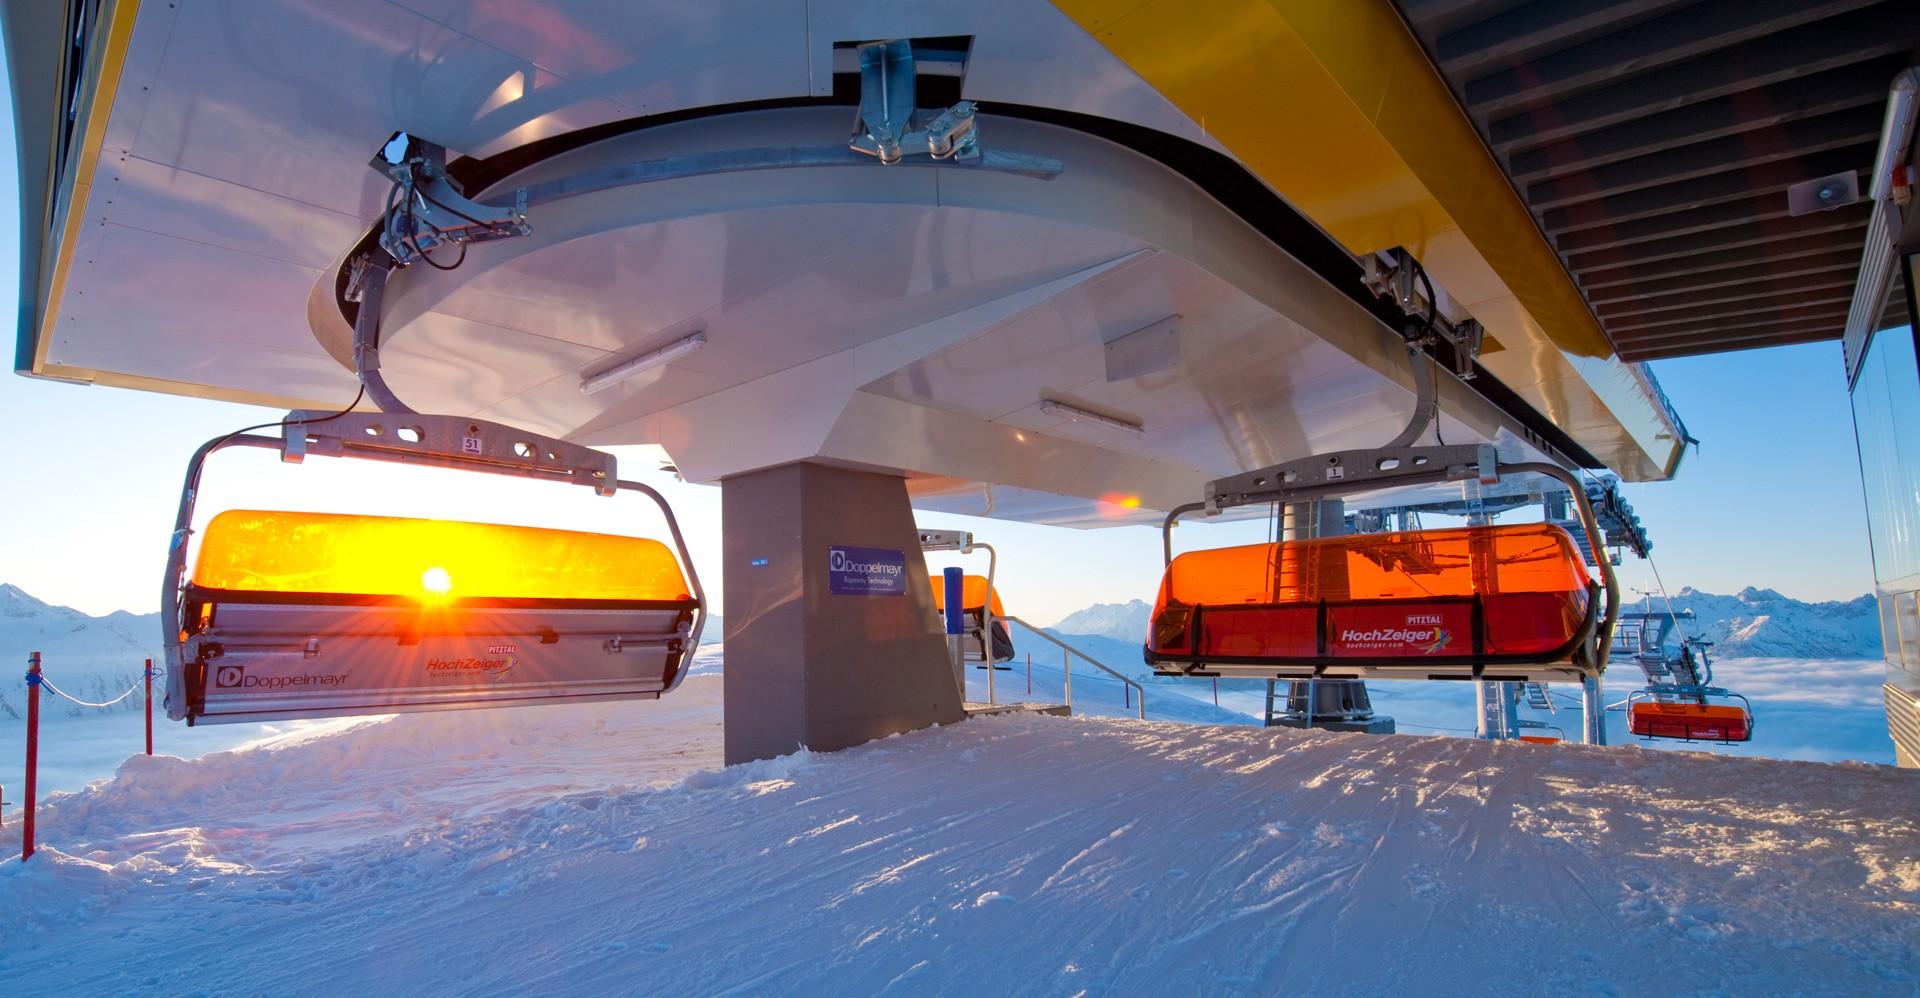 Liftanlagen Hochzeiger Skigebiet